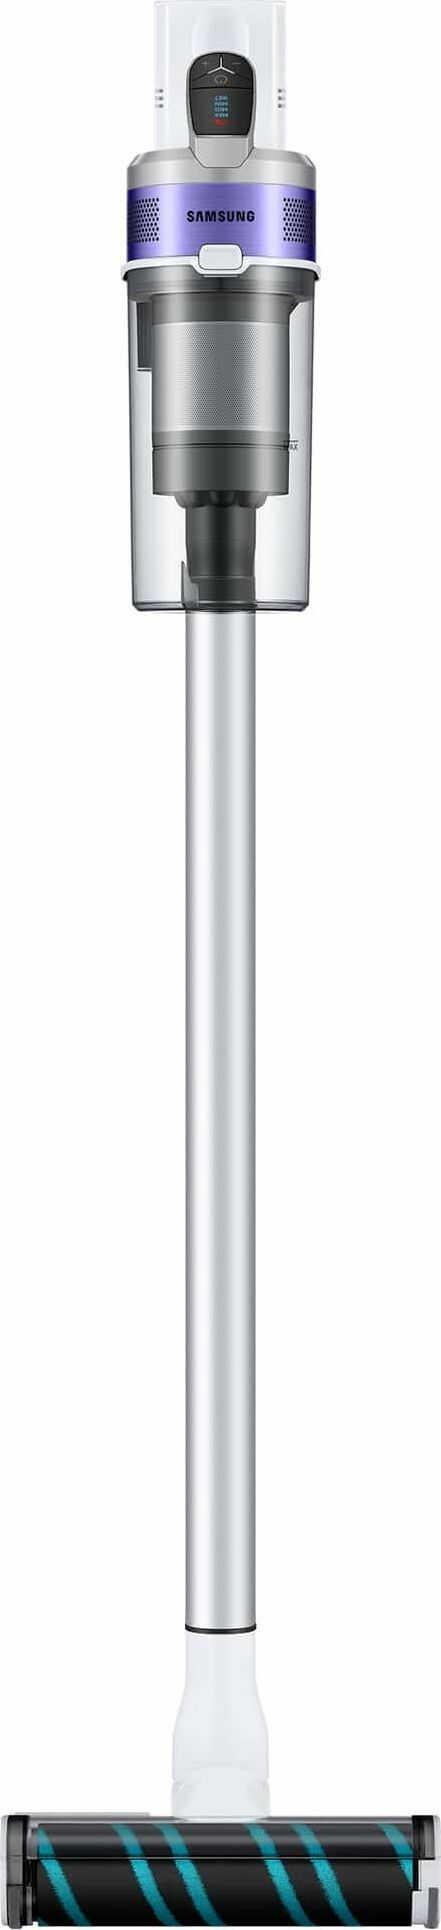 Odkurzacz pionowy Samsung PowerStick VS 15T7033R4